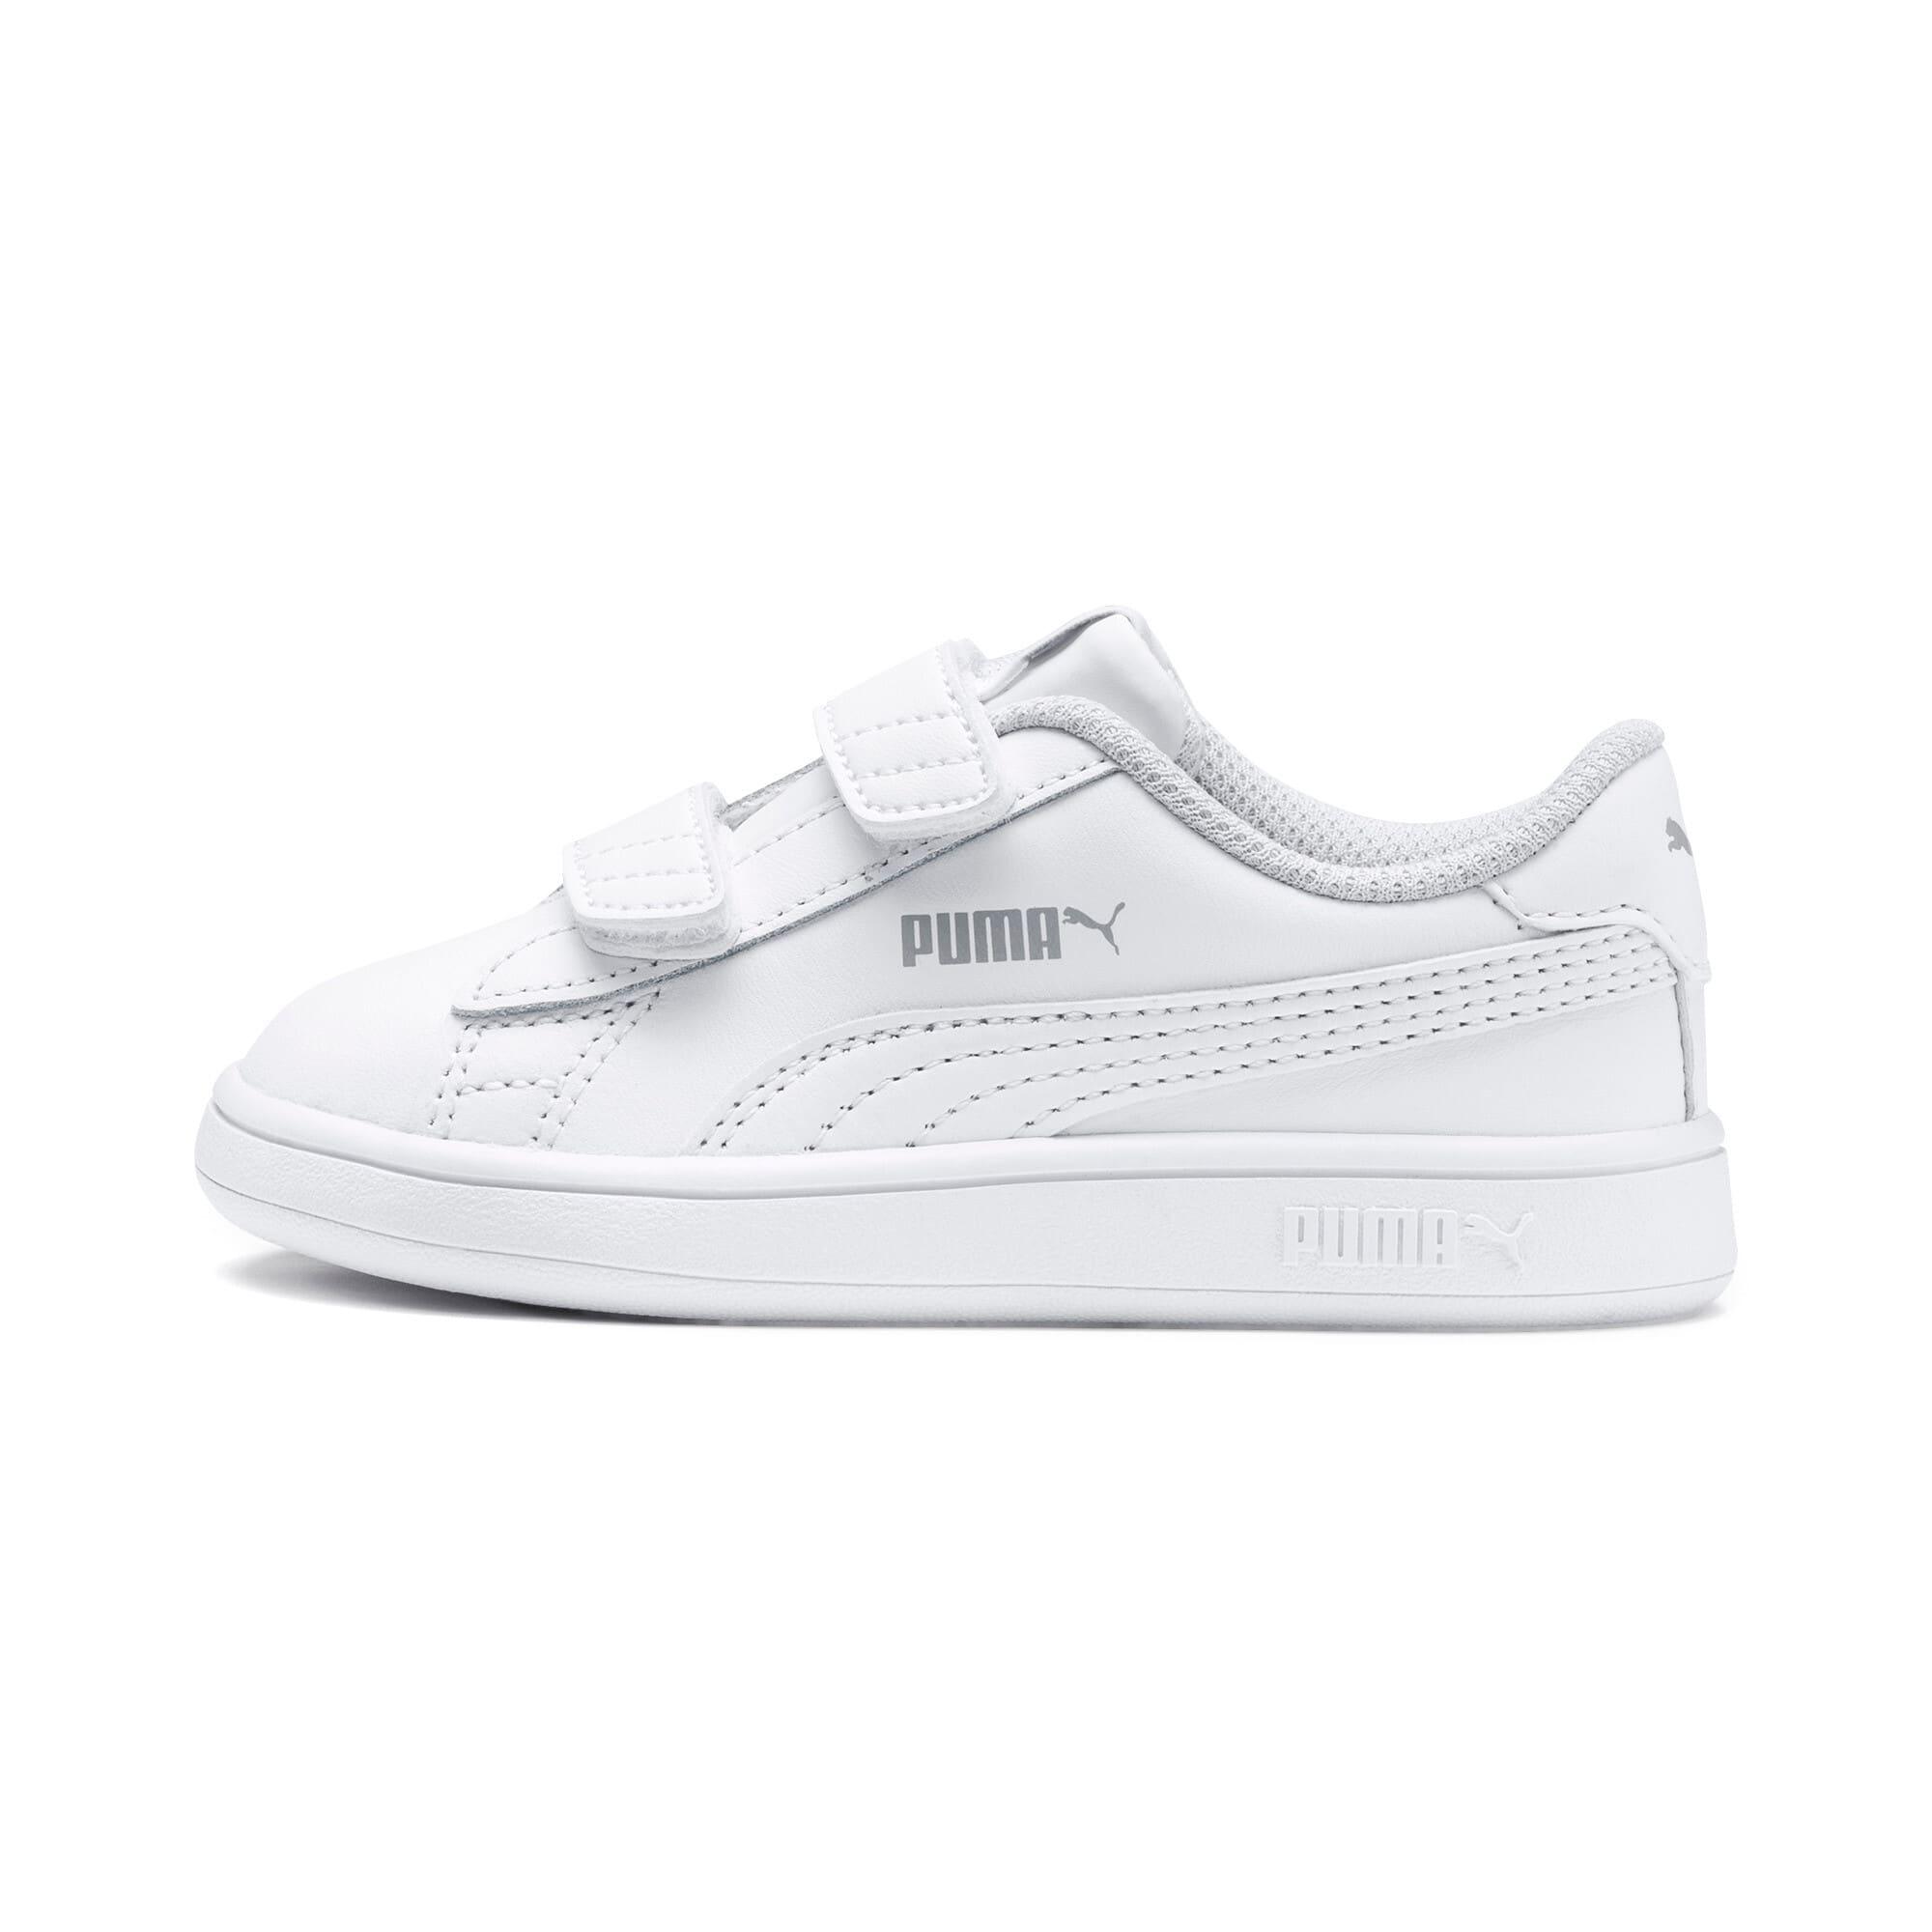 Thumbnail 1 of Puma Smash v2 L V Toddler Shoes, Puma White-Puma White, medium